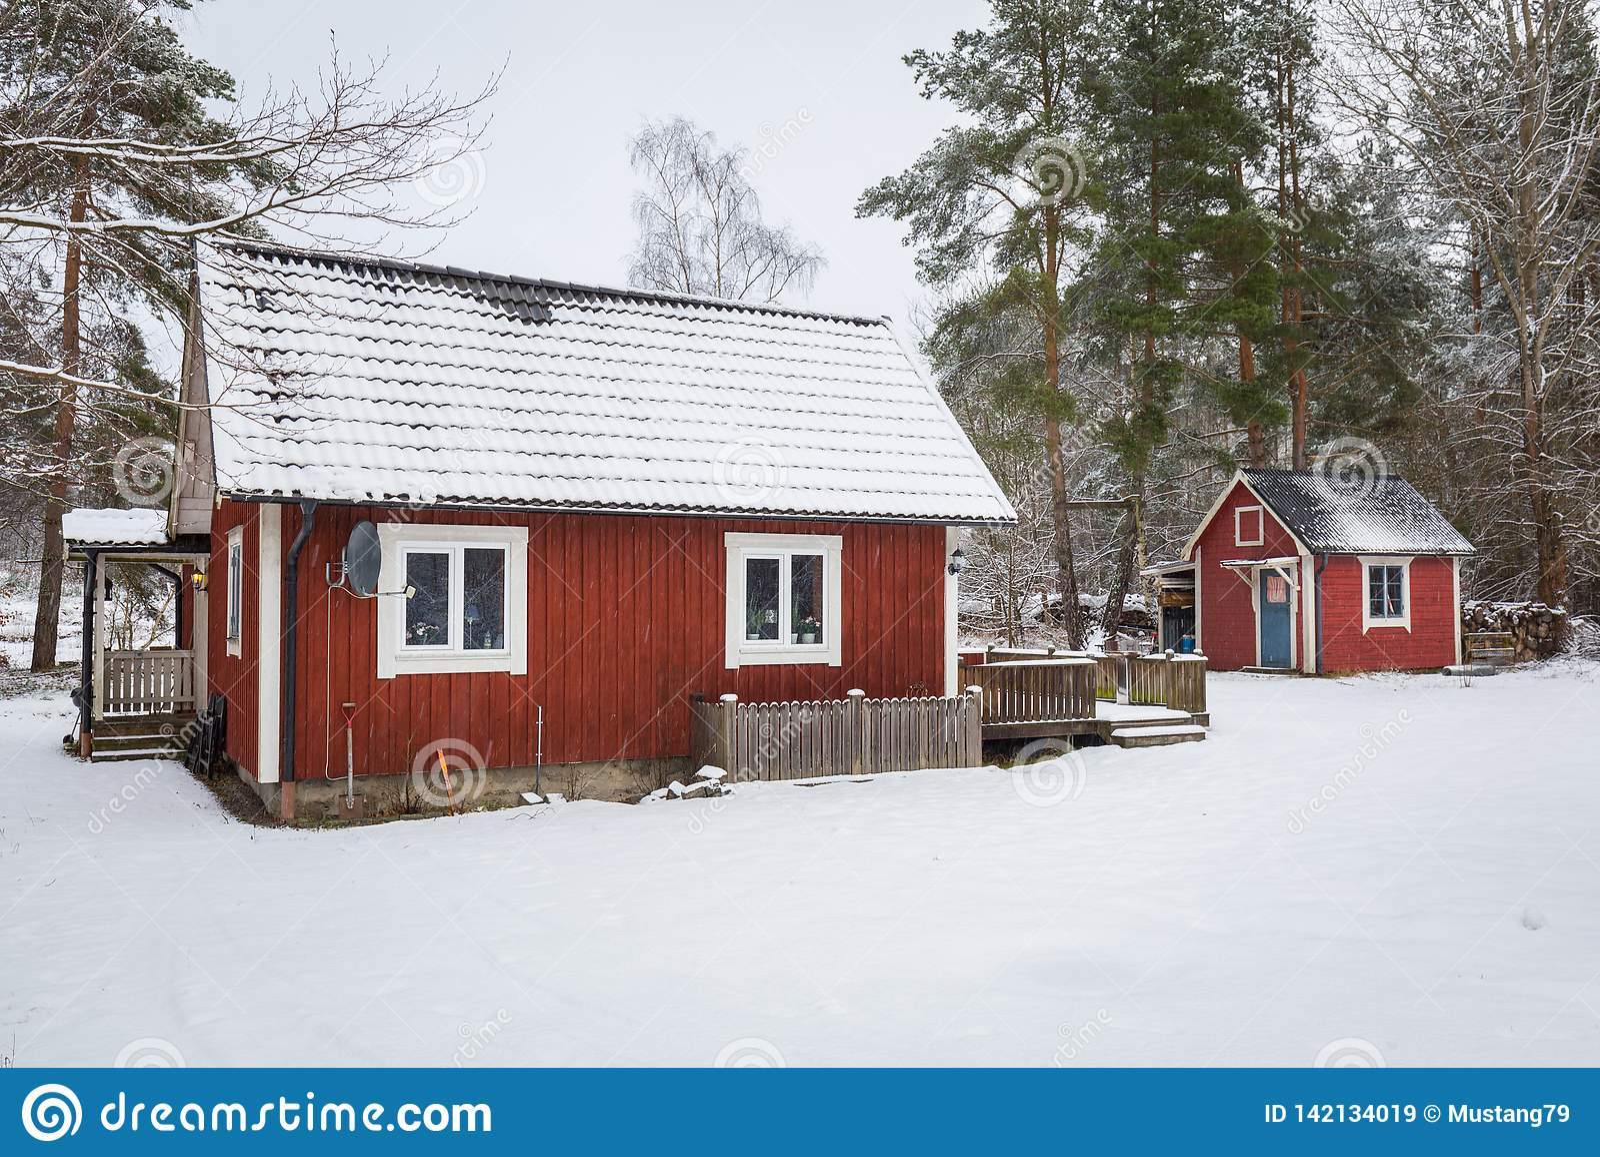 La Maison De La Suede paysage d'hiver avec la maison en bois rouge en suède image